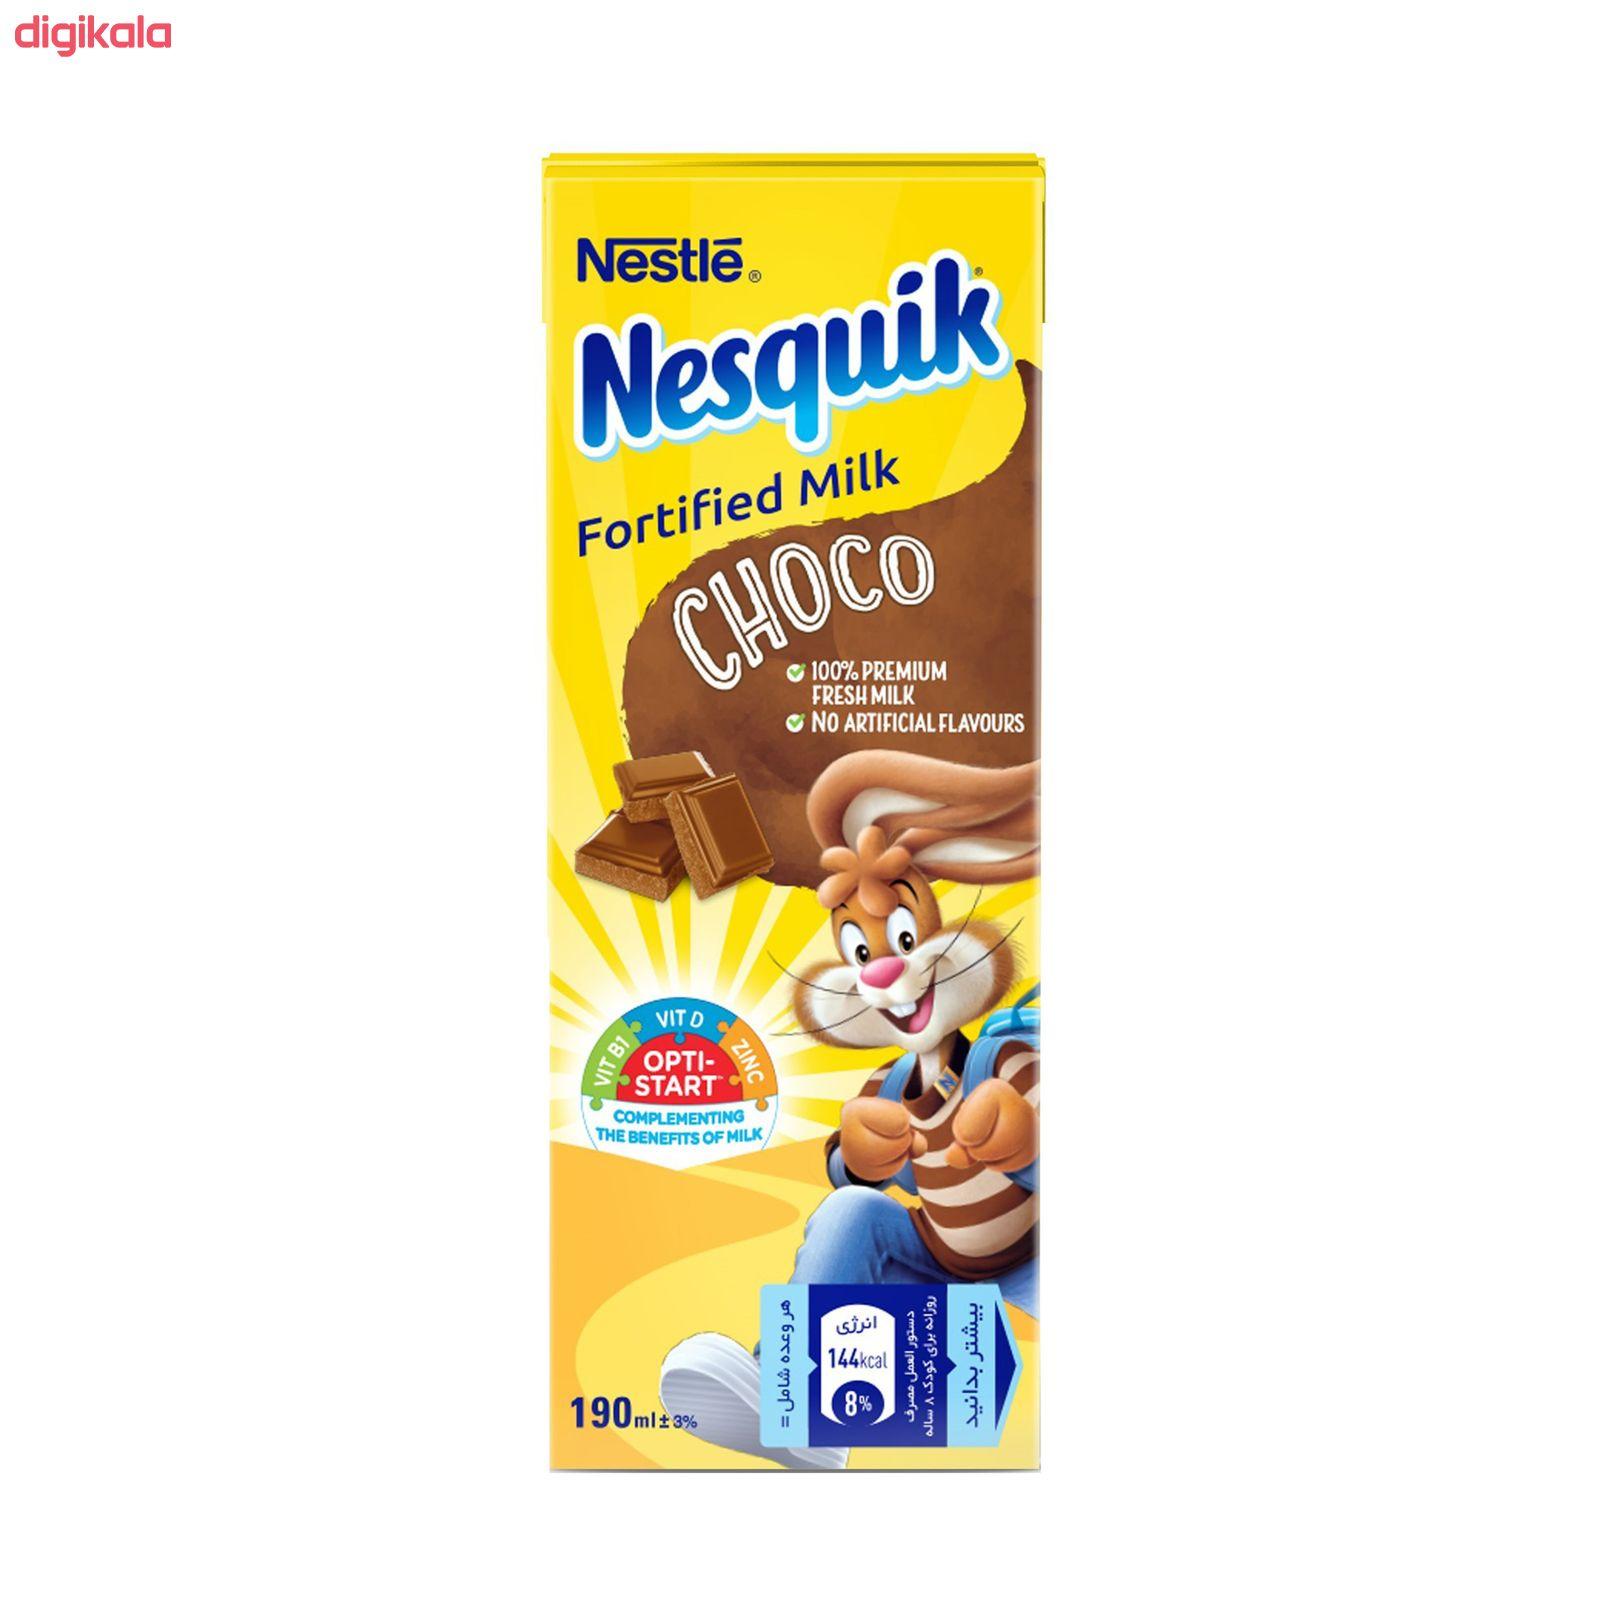 شیر کاکائو فرا دما و غنی شده نسکوئیک 190 میلی لیتر main 1 2